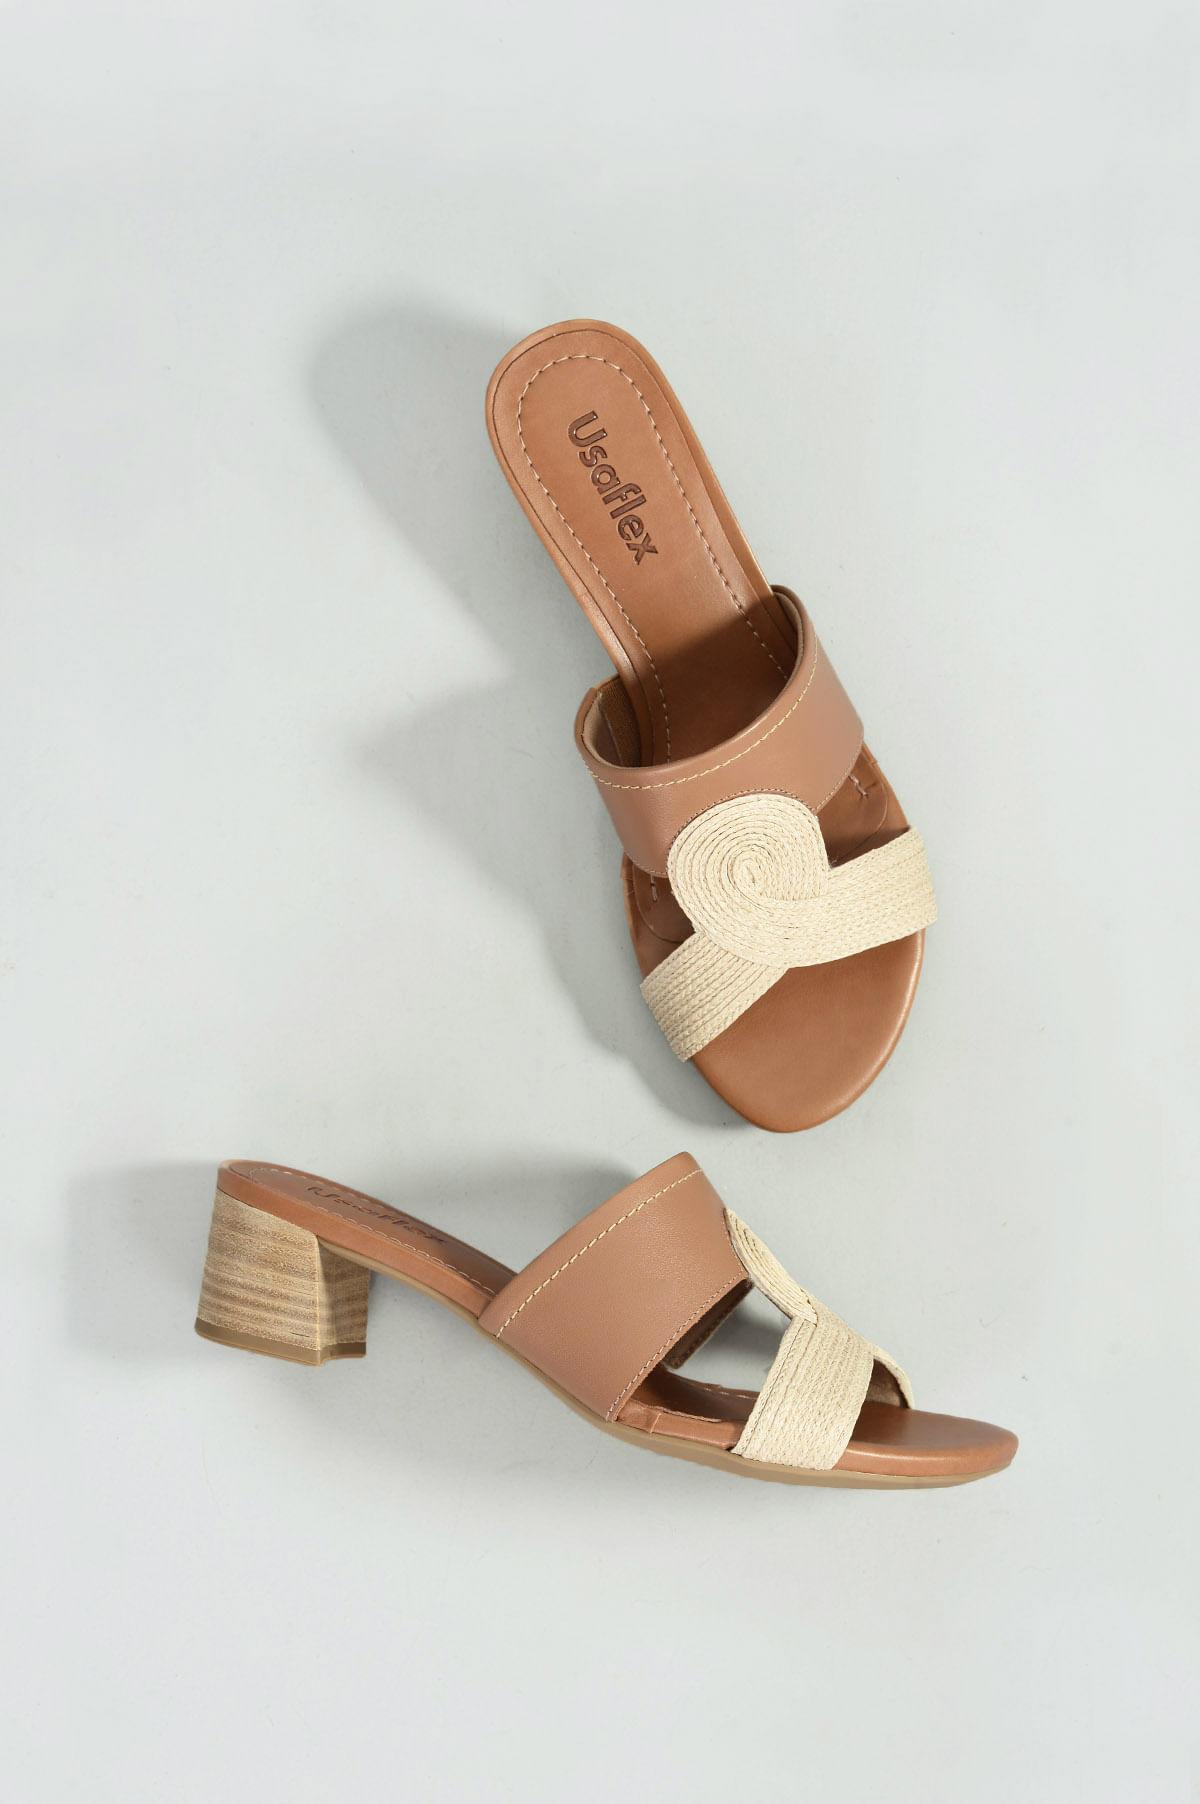 48c23ca9cd Tamanco Feminino Manye Usaflex CR-CAMEL - Mundial Calçados